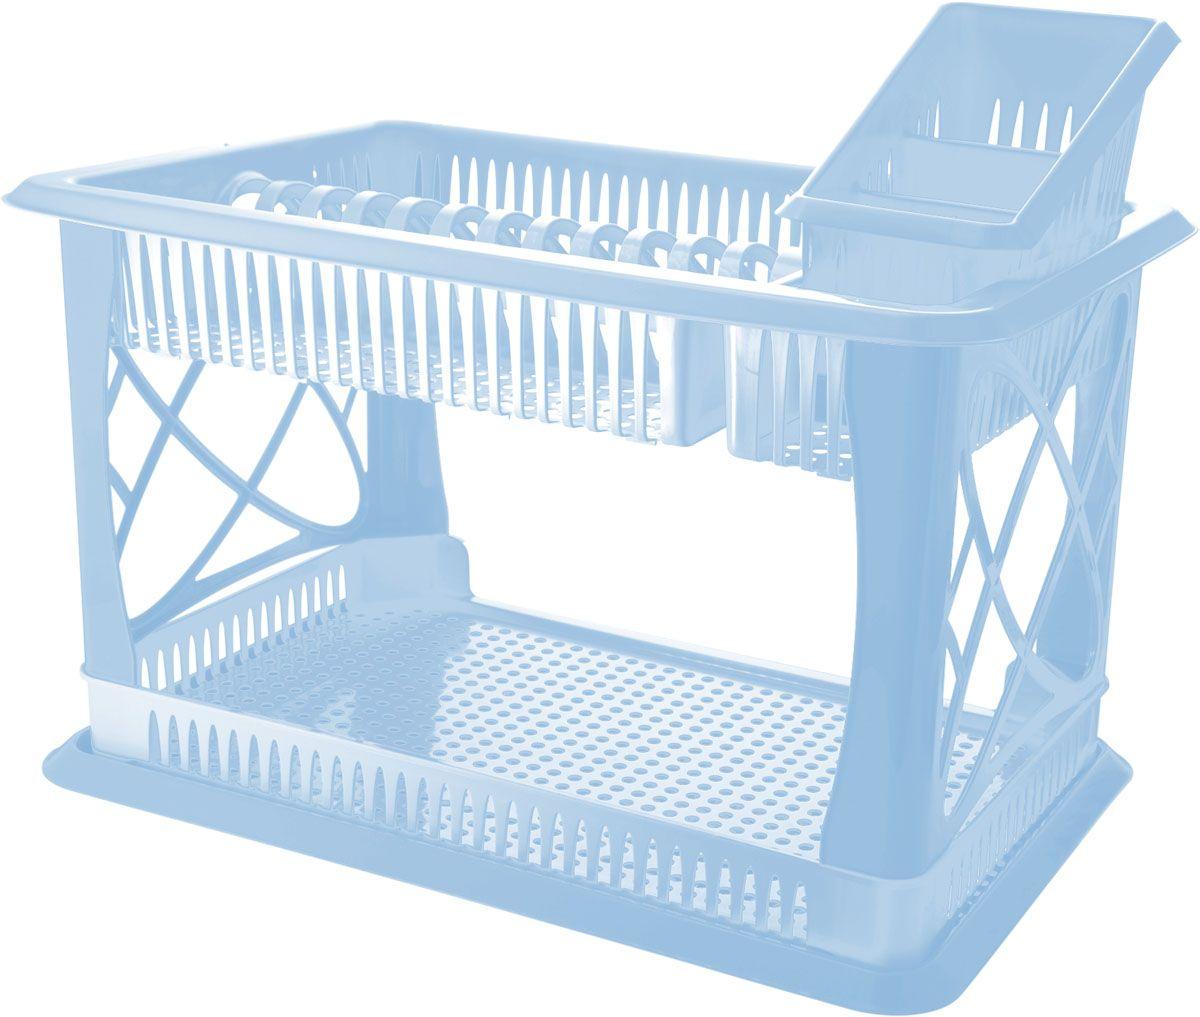 Сушилка для посуды Plastic Centre Лилия, 2-ярусная, с поддоном, с сушилкой для столовых приборов, цвет: голубой, 49 х 17,5 х 32,5 смПЦ1558МРДвухъярусная сушилка для посуды выполнена из пластика. Изделие оснащено поддоном для стекания воды и подставкой для столовых приборов и стаканов. Сушилка может быть установлена как на столе, так и подвешена на стену при помощи крючков (не входят в комплект). Размер сушилки (с учетом подставок): 49 х 17,5 х 32,5 см. Размер поддона: 47 х 30 х 2,5 см.